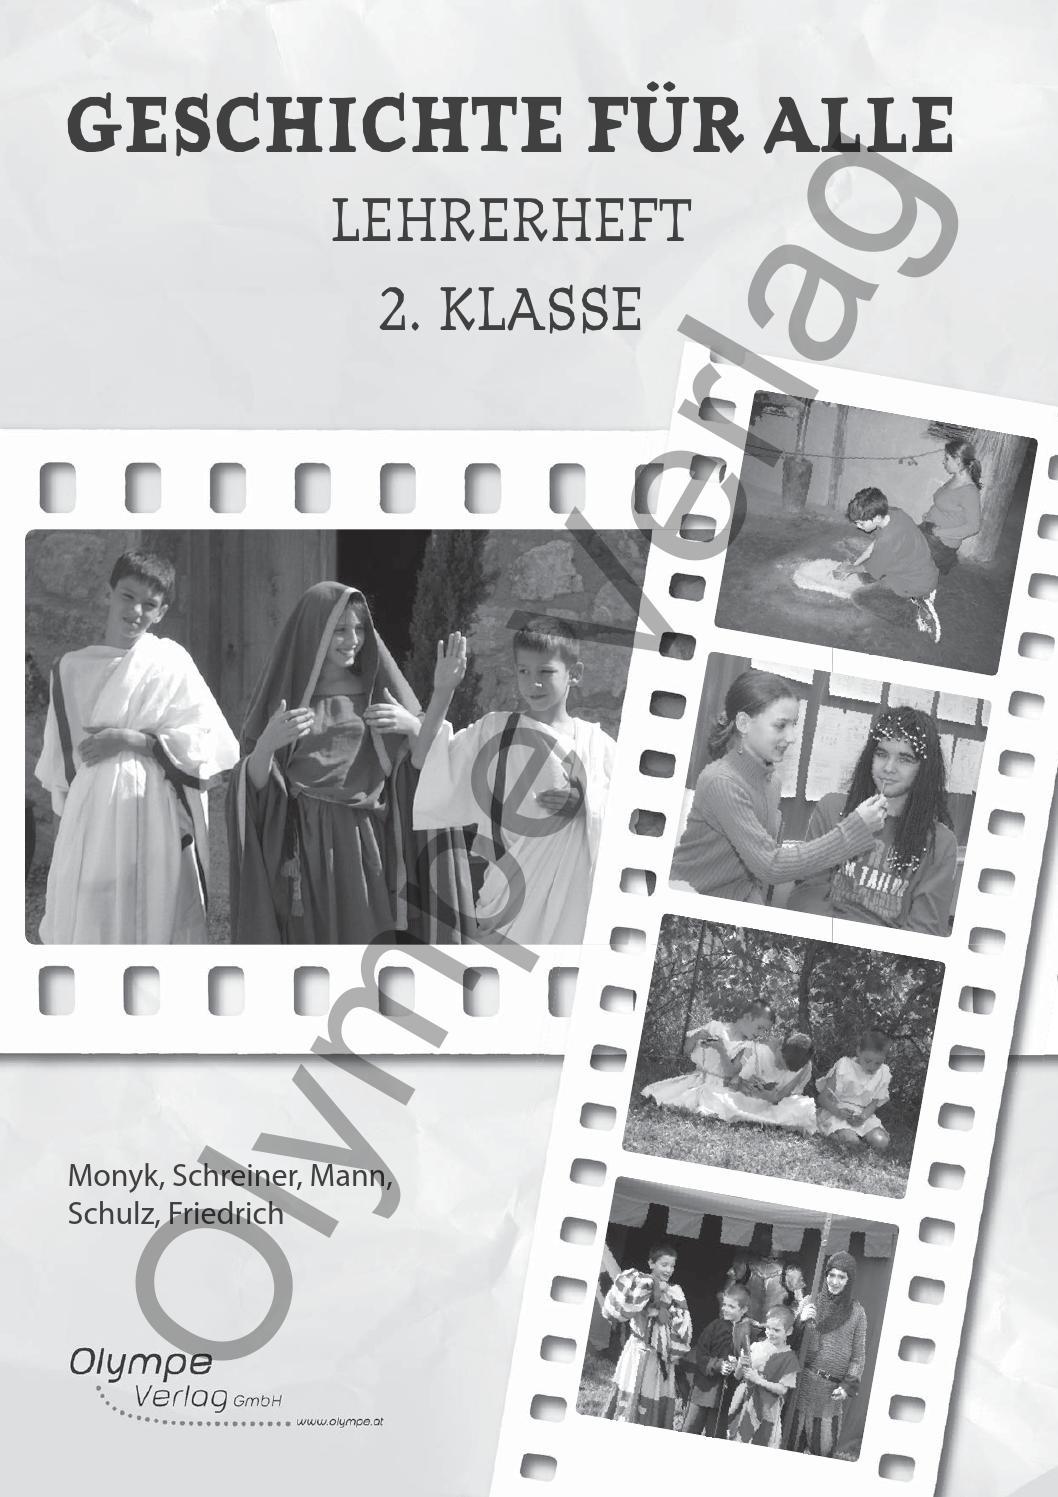 Gs2 lh by Olympe Verlag GmbH - issuu